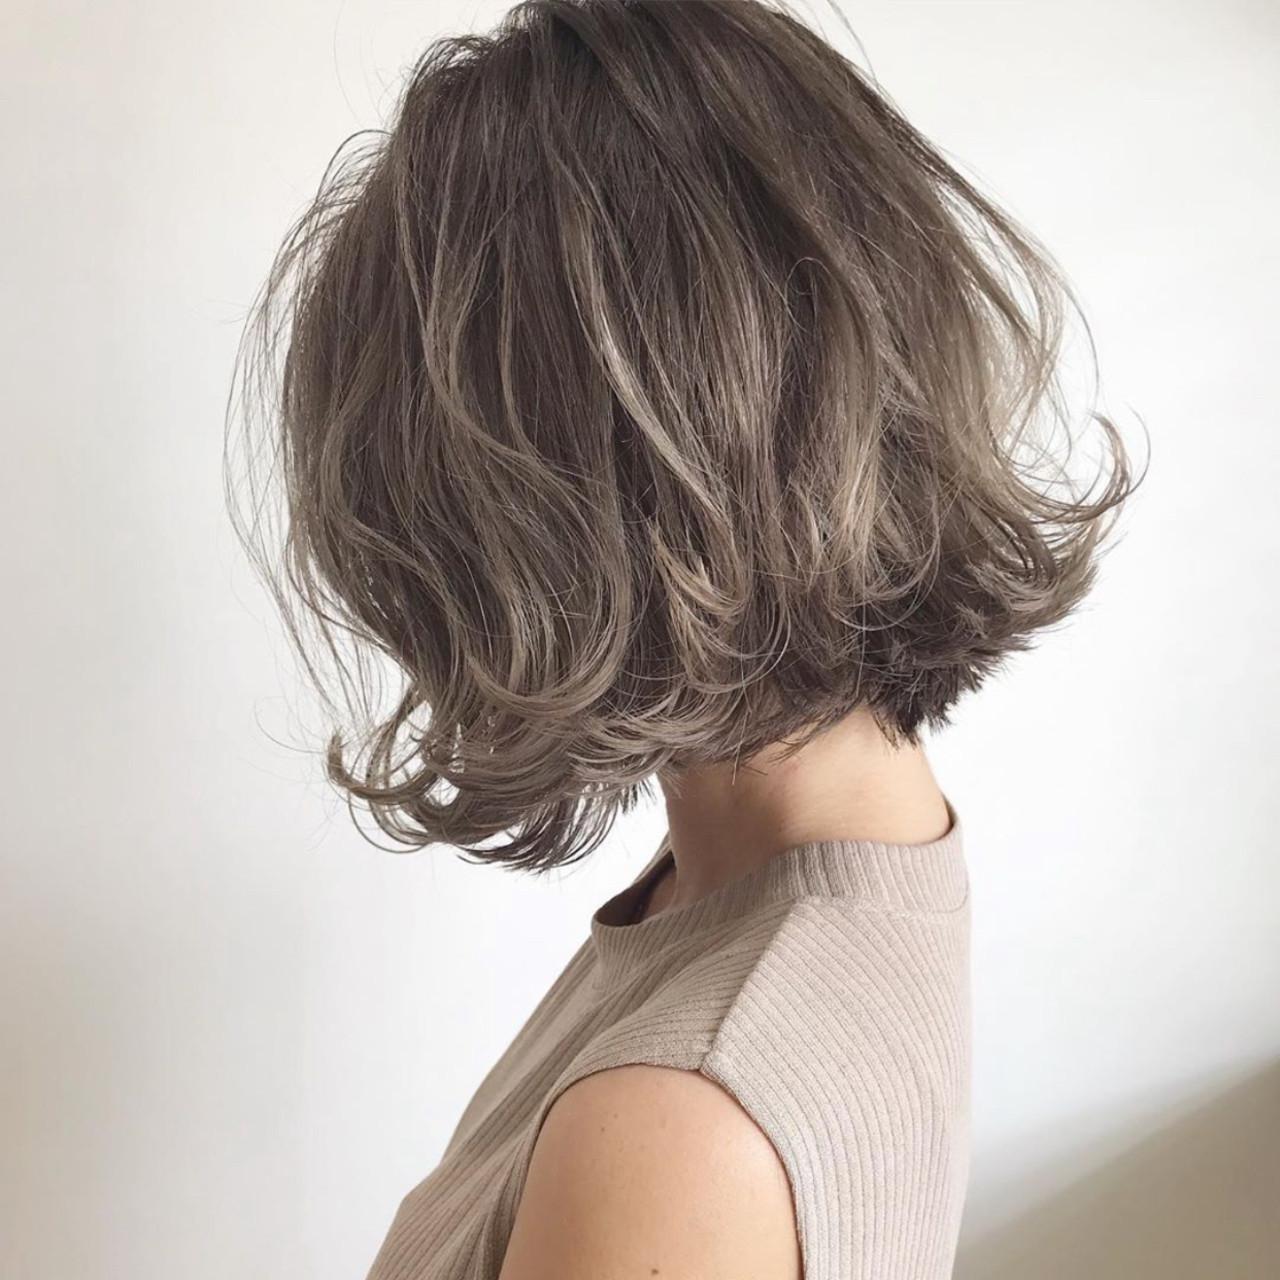 エレガント ボブ ヘアカラー 外国人風カラー ヘアスタイルや髪型の写真・画像